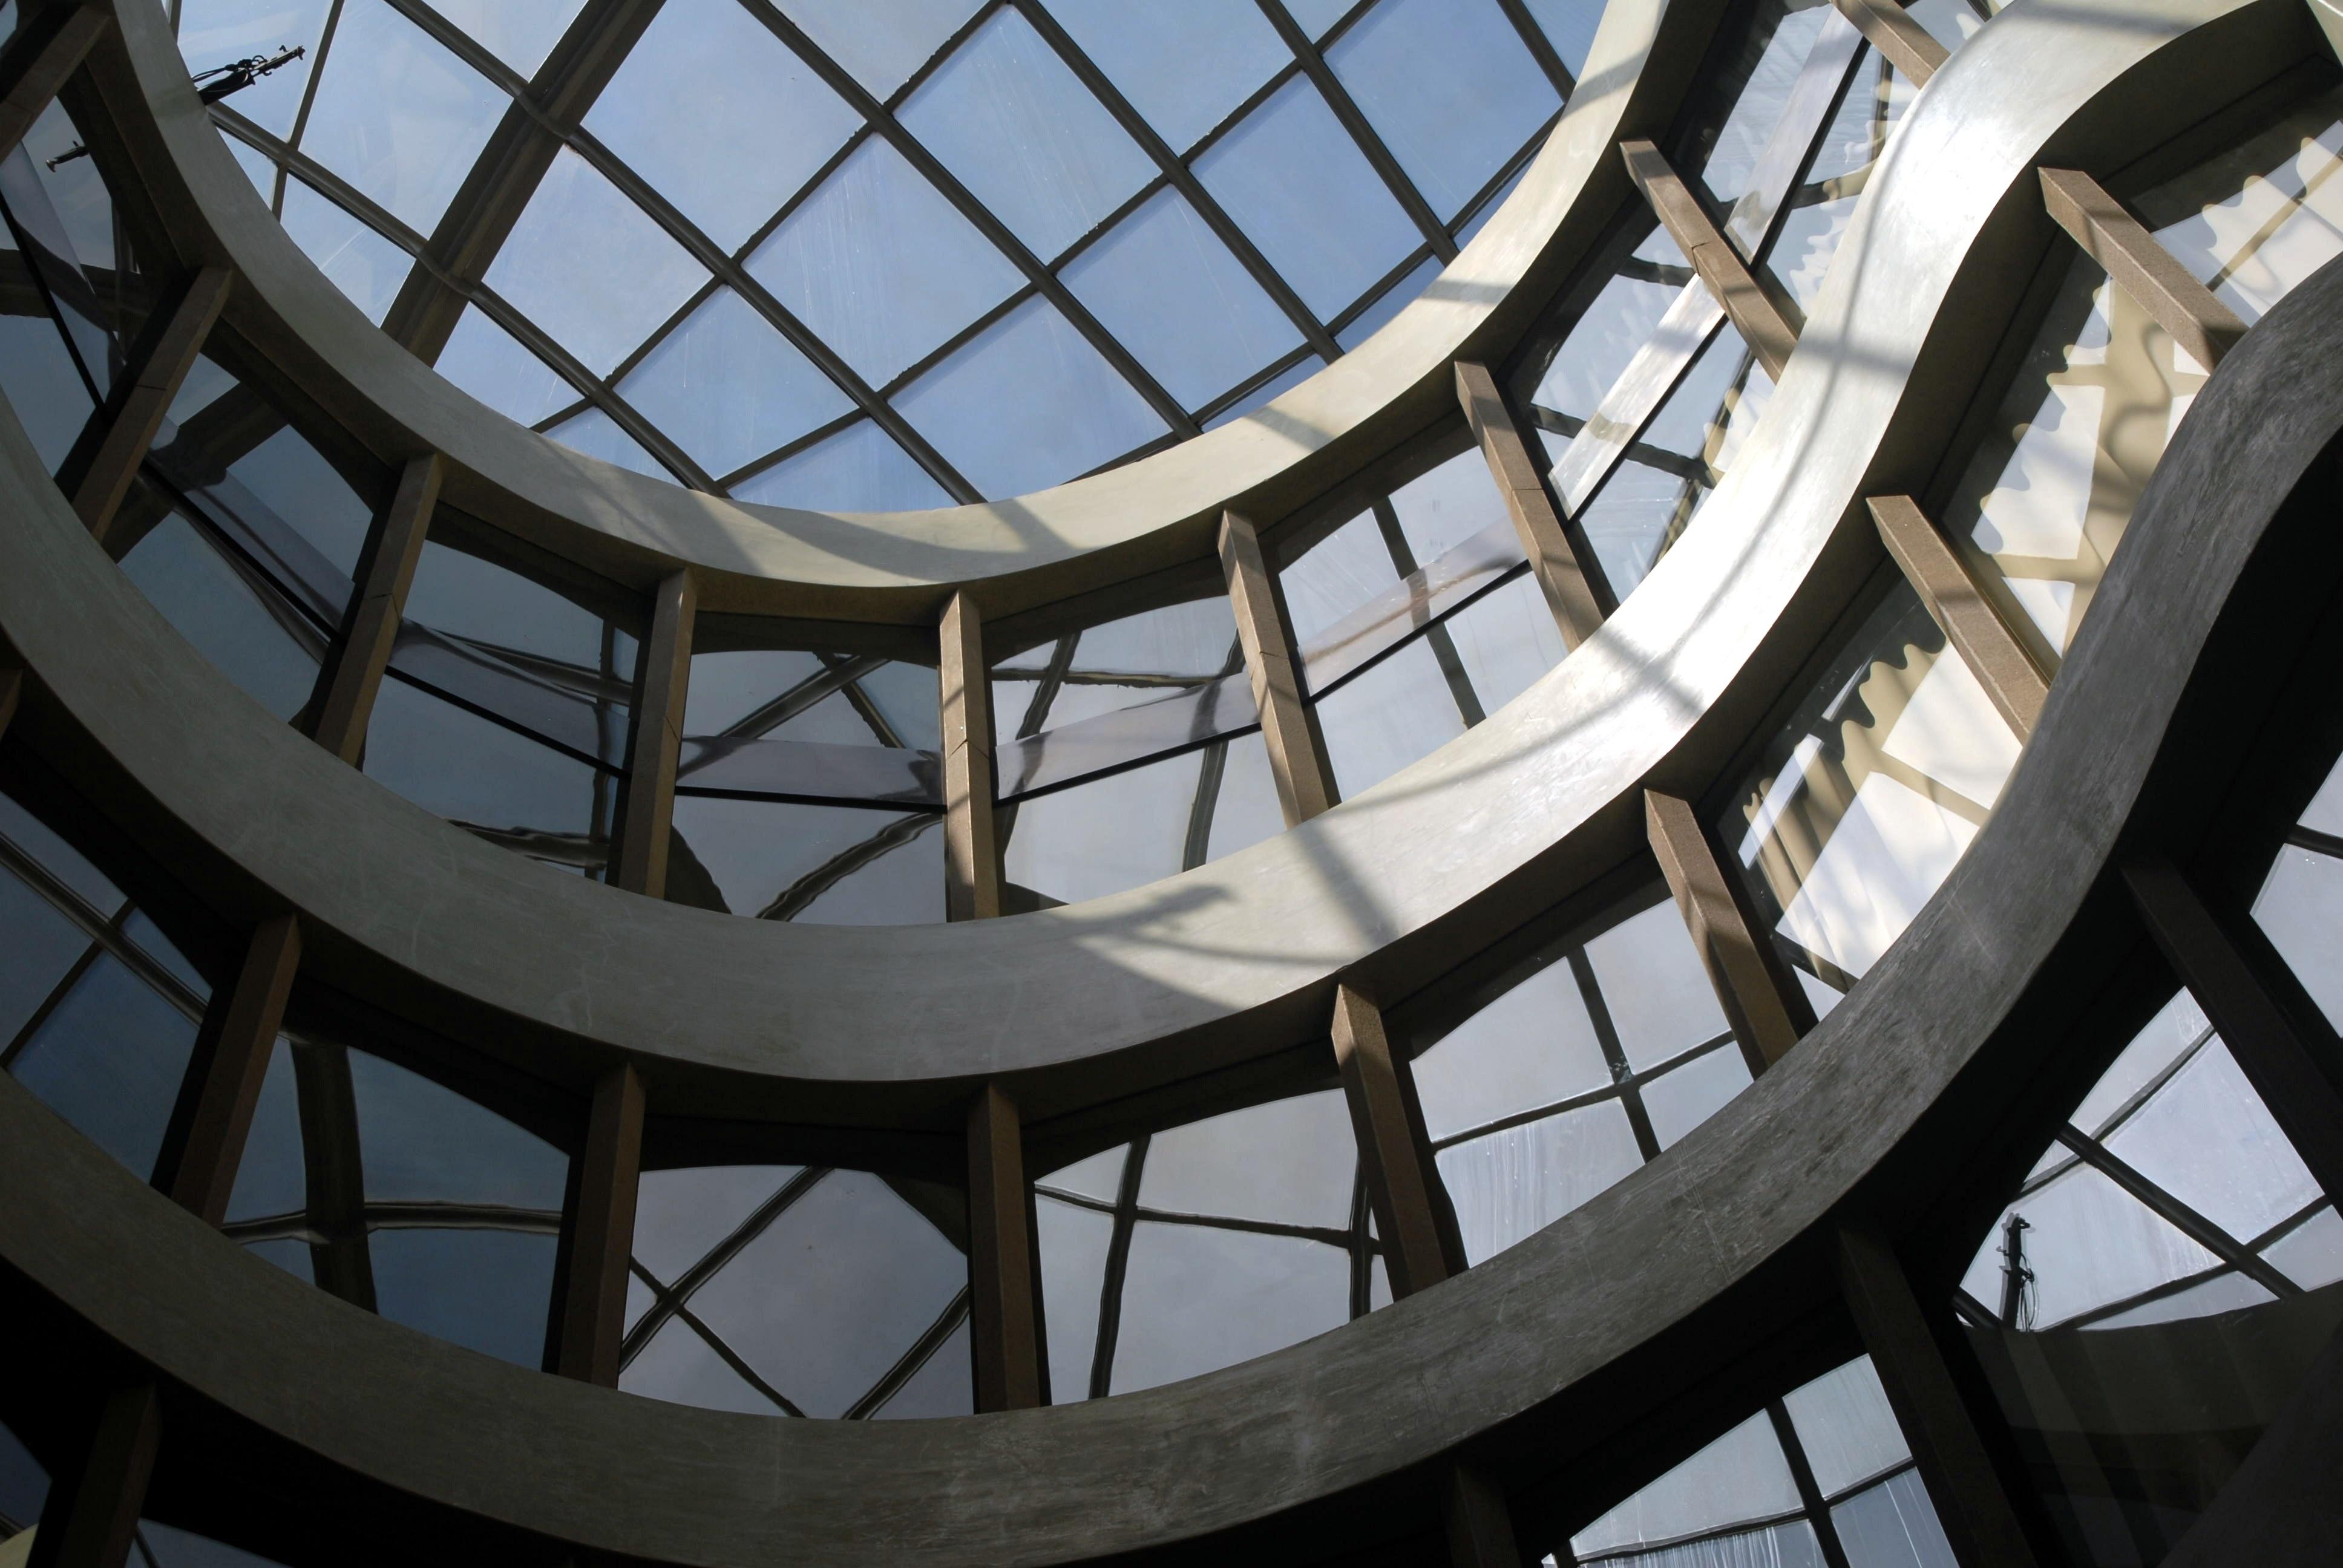 Kostenlose foto : die Architektur, Struktur, Innere, Glas, Gebäude ...